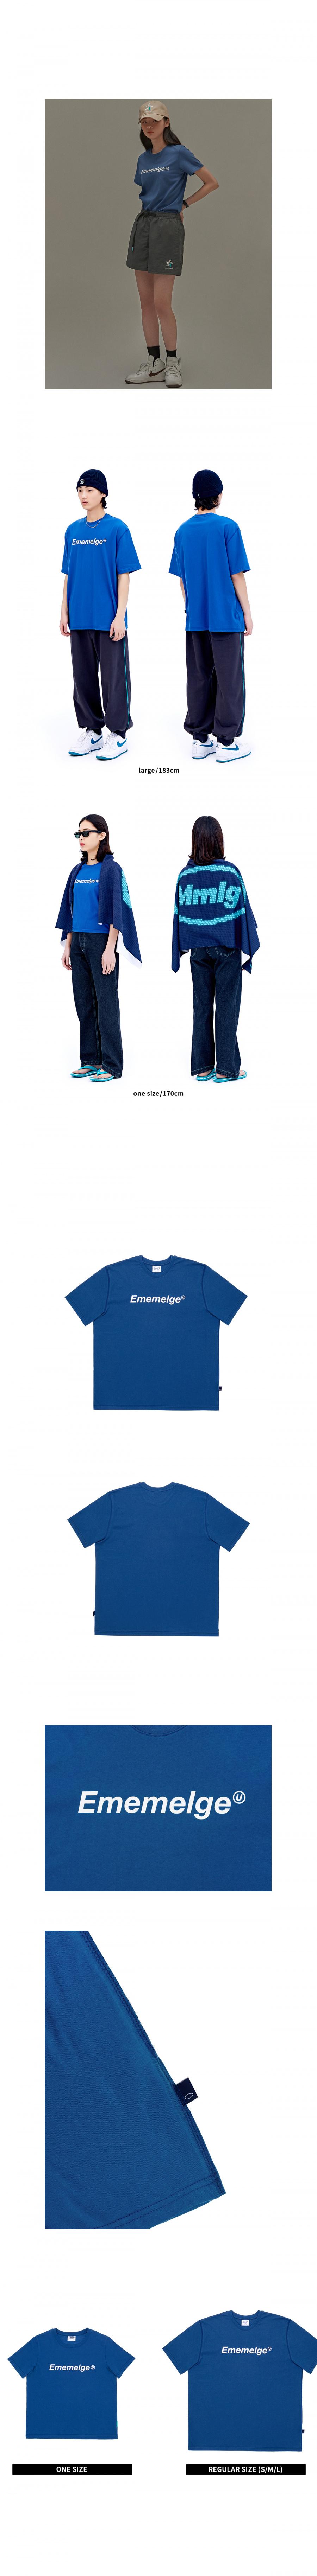 팔칠엠엠(87MM) [Mmlg] EMEMELGE HF-T (BLUE)